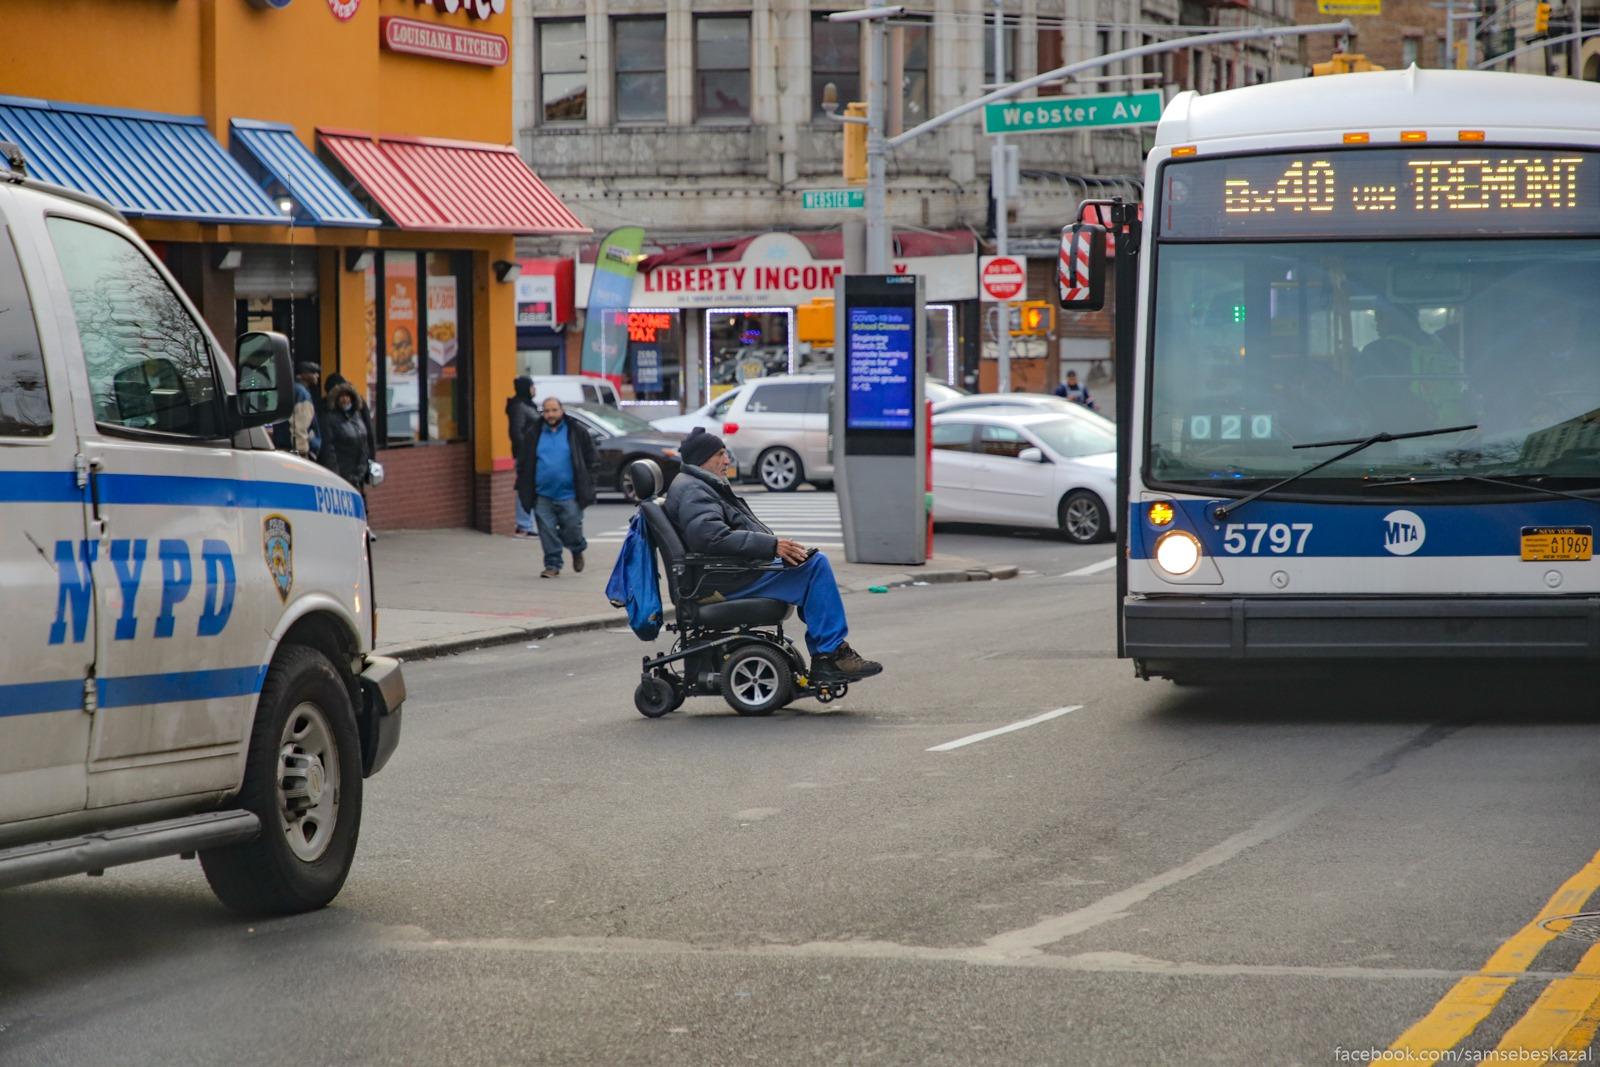 Muzcina ozidaet posadki v avtobus